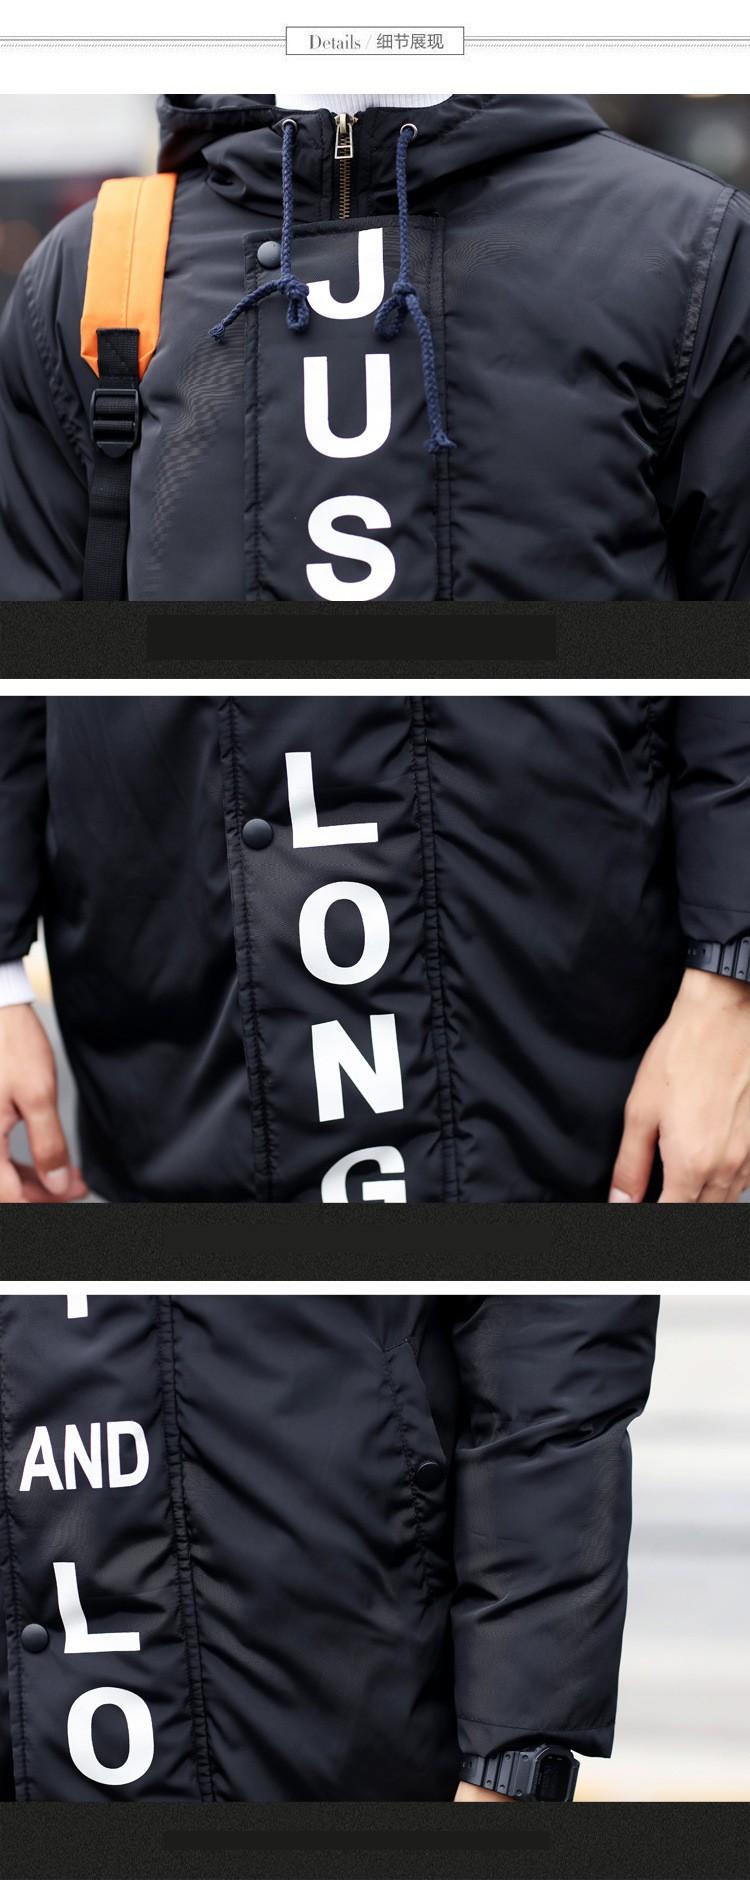 Скидки на Мужская Зимнее Пальто Мужчины 2016 Куртка Длинный Жакет Мужчины Вскользь Лоскутное Теплая Куртка Пальто Мужской Канада Зимняя Куртка